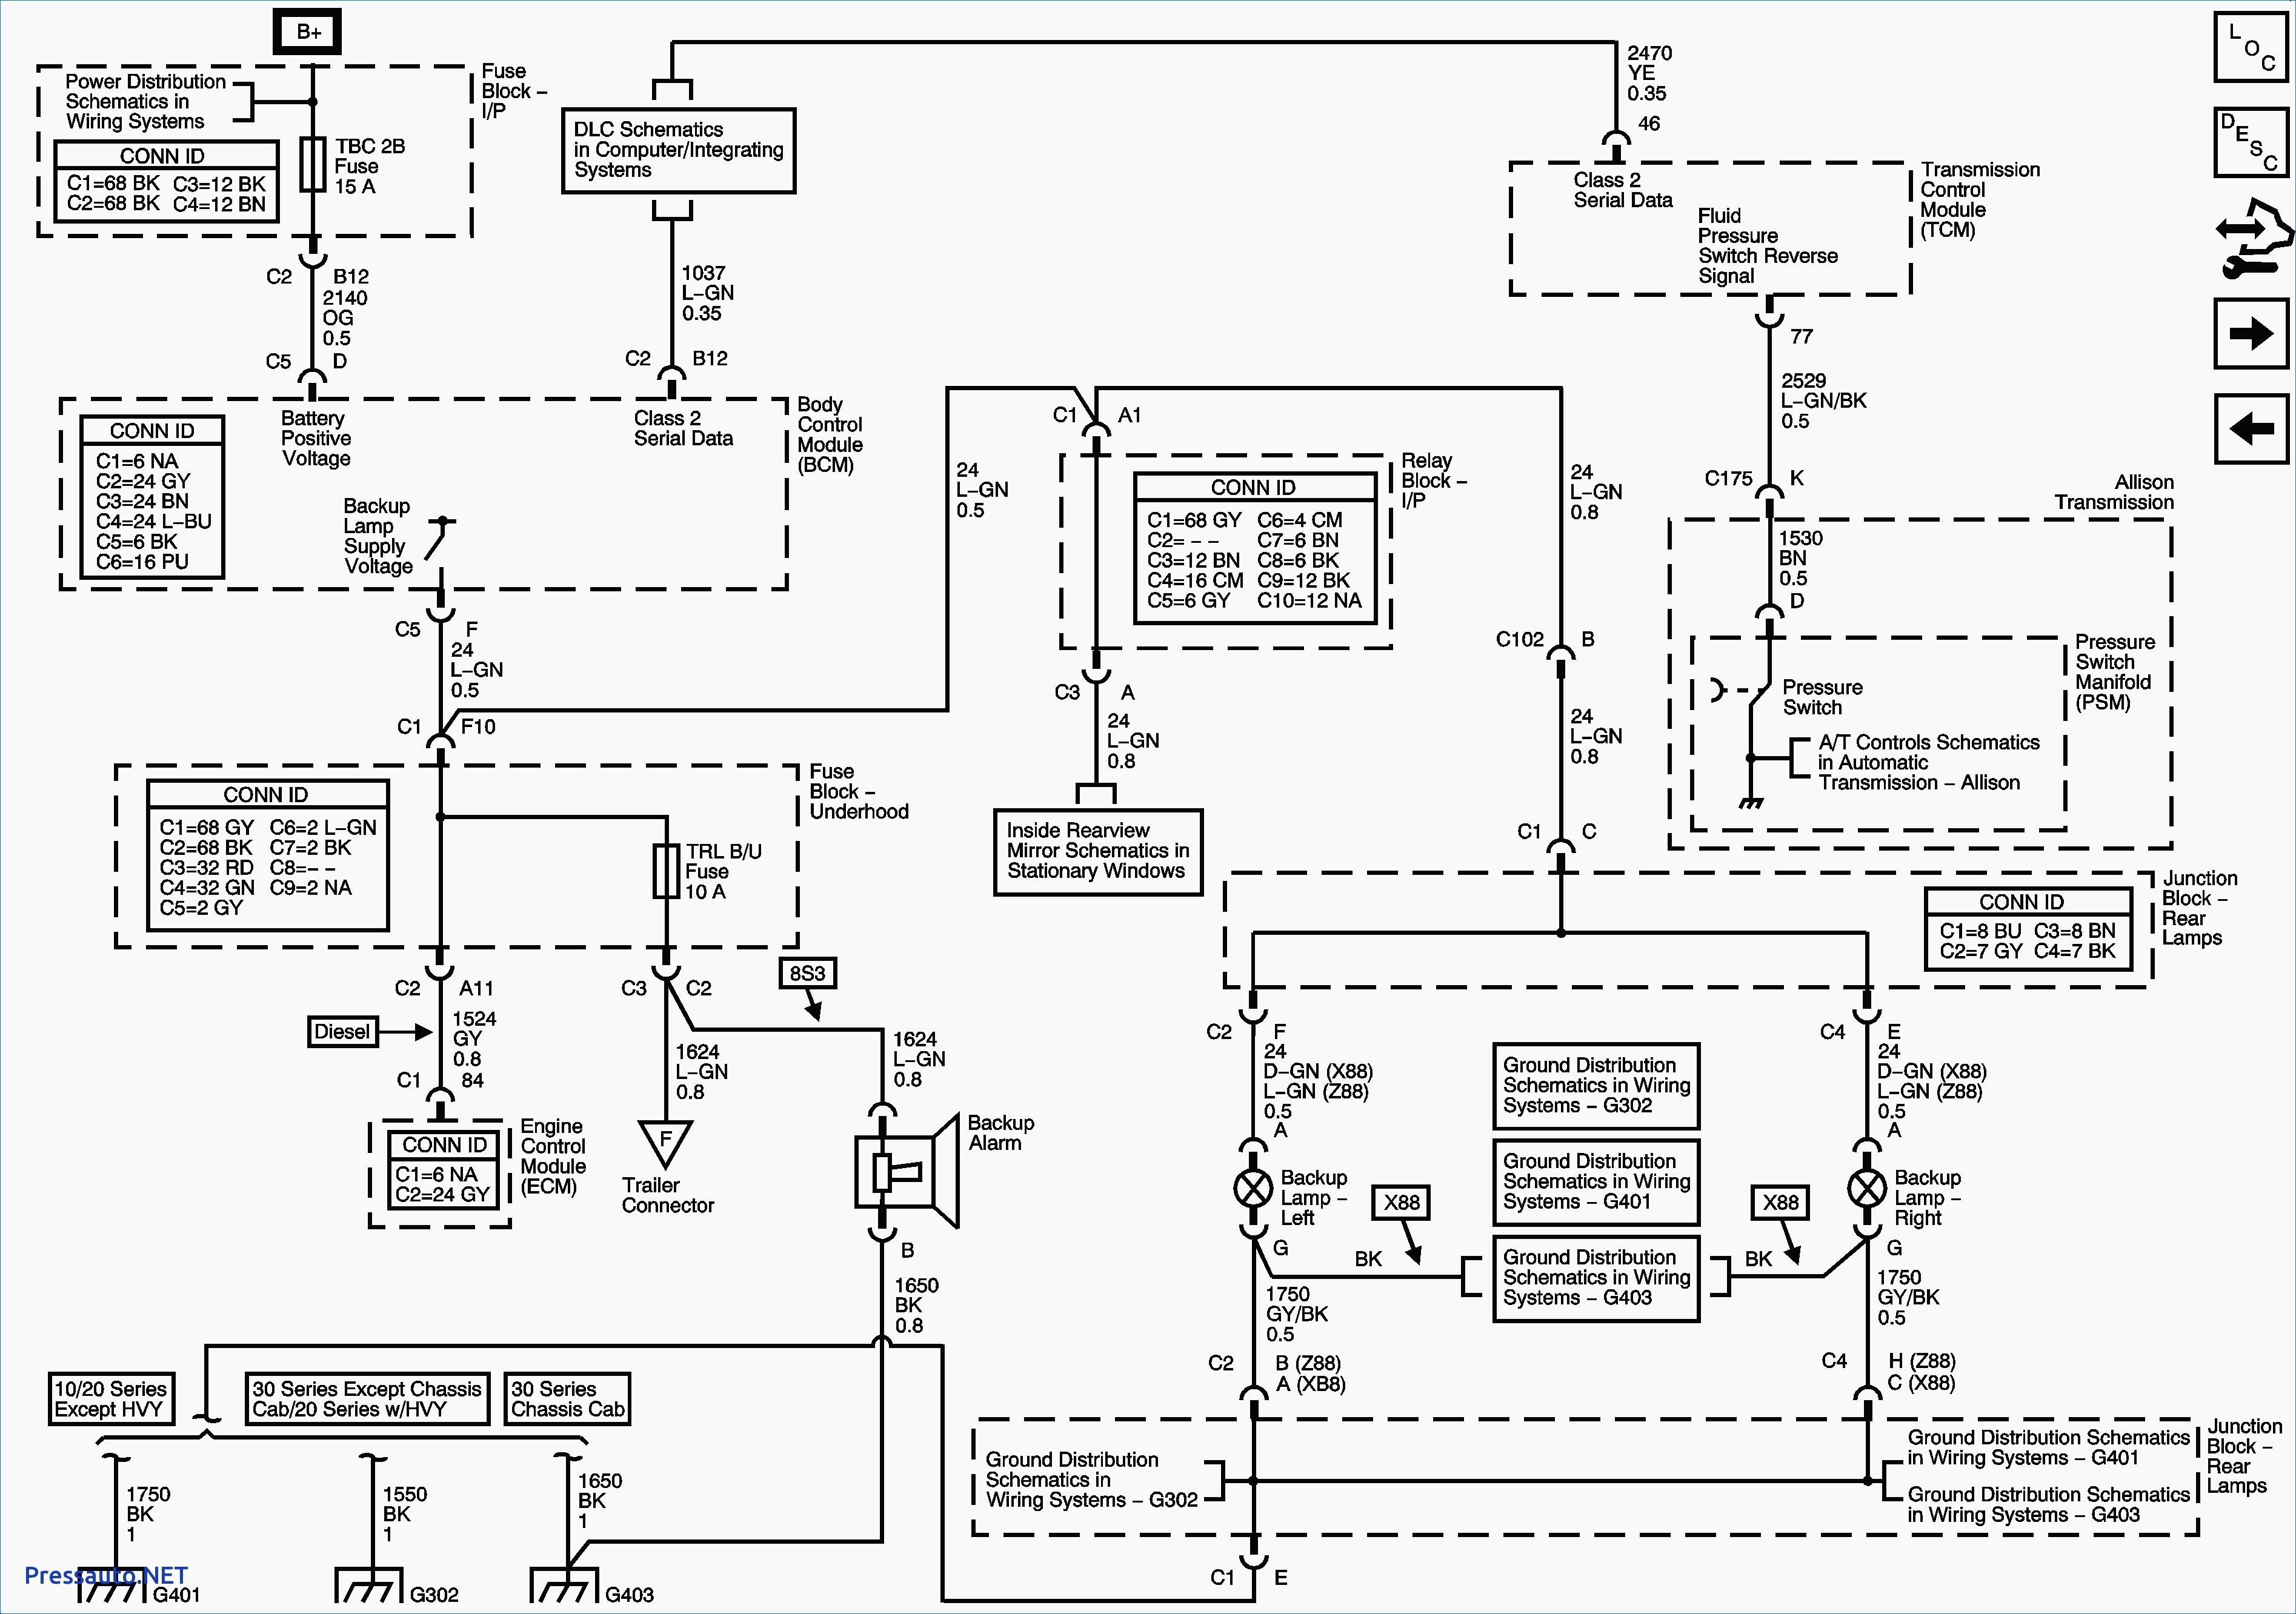 2006 Silverado 7 Way Wiring Diagram | Wiring Diagram - 2006 Chevy Silverado Trailer Wiring Diagram